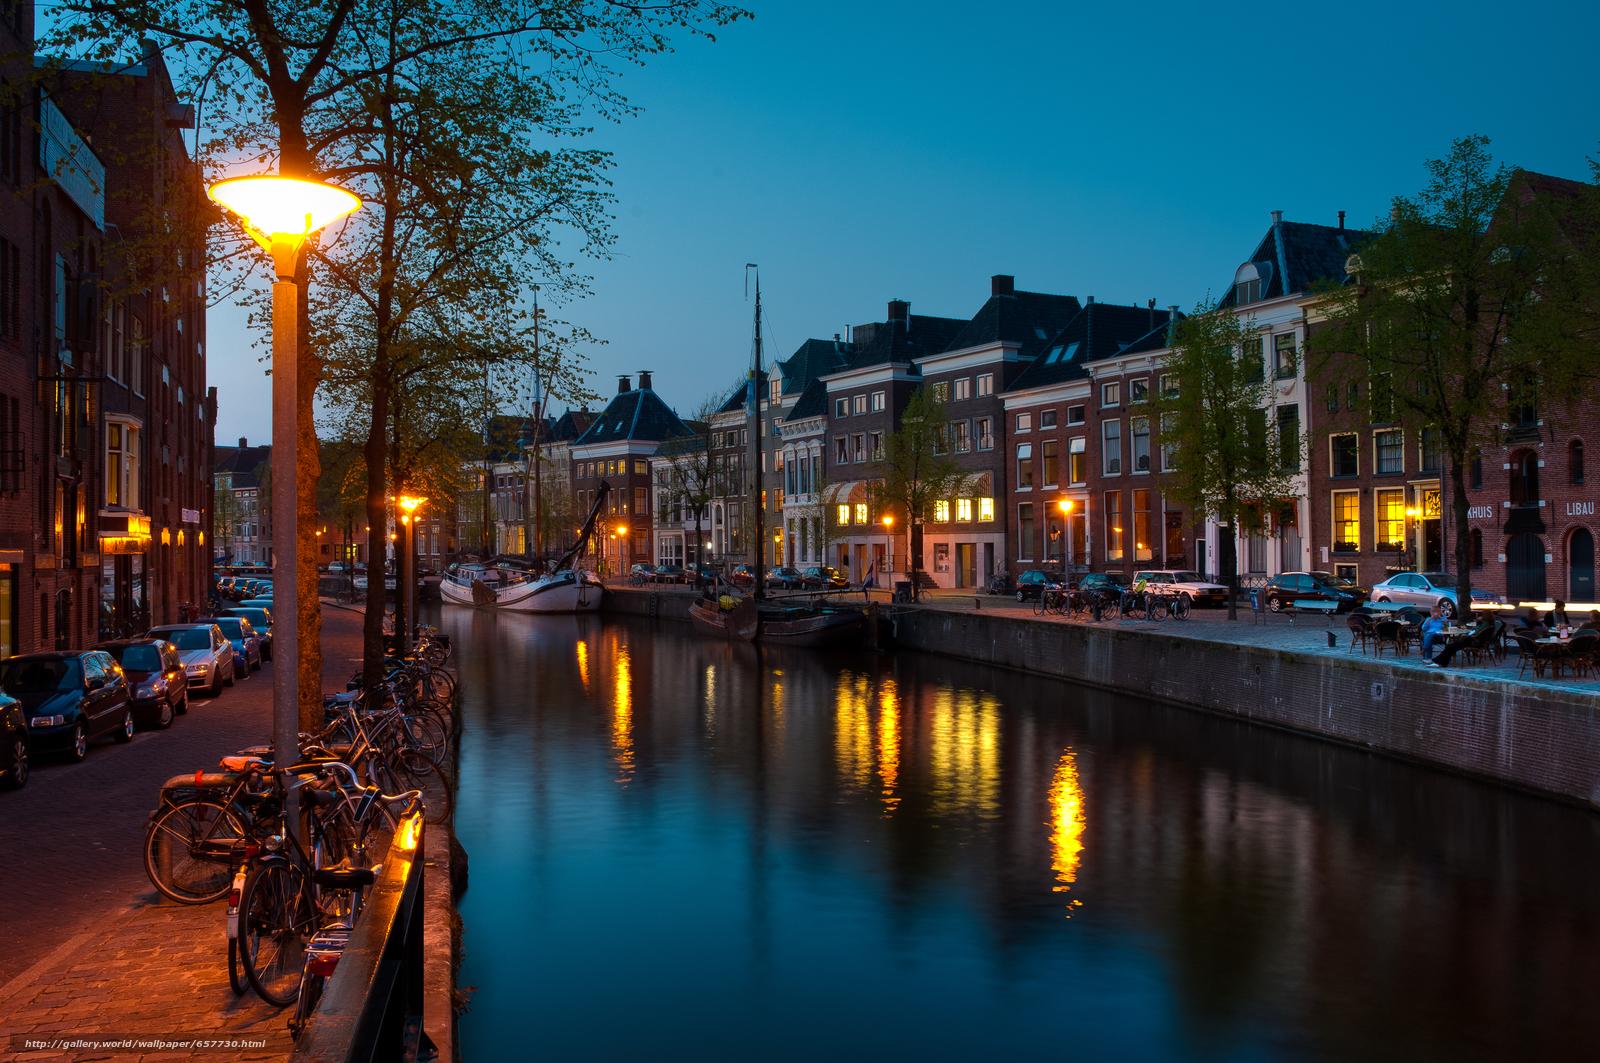 Скачать обои Groningen,  Гронинген,  Нидерланды,  ночь бесплатно для рабочего стола в разрешении 4288x2848 — картинка №657730